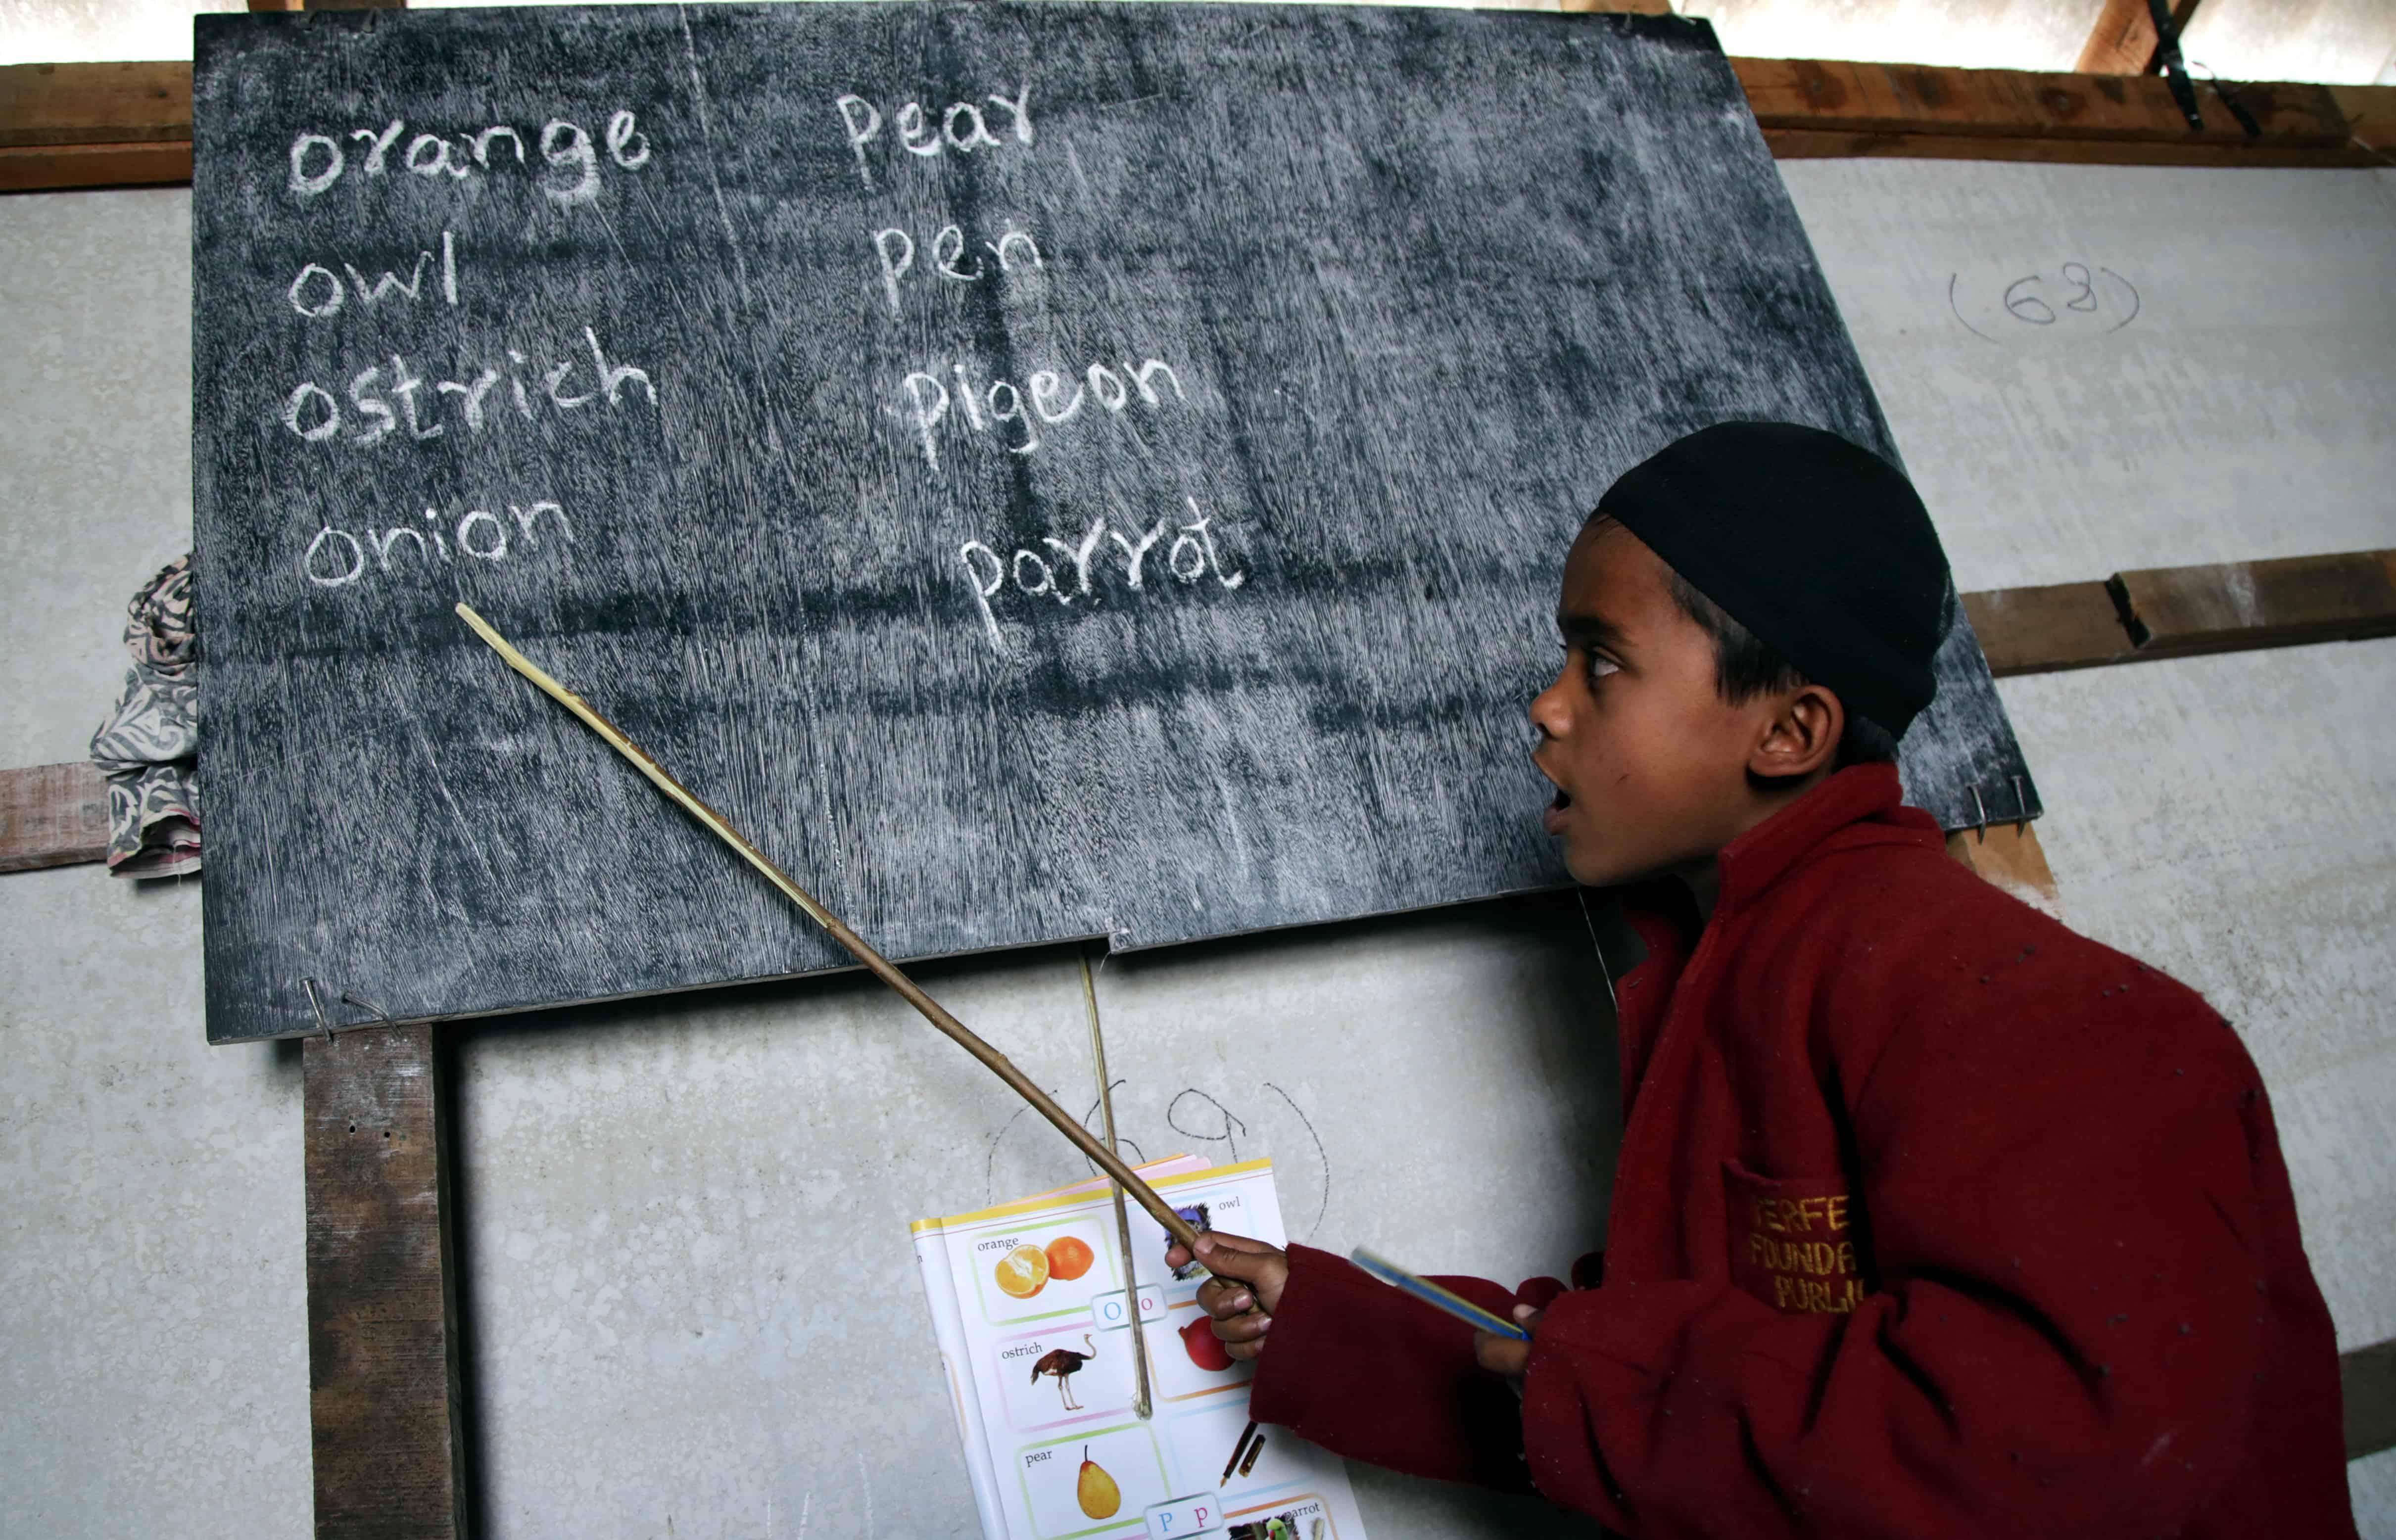 Een kind wijst met een stok naar een bord waar Engelstalige woorden op staan.